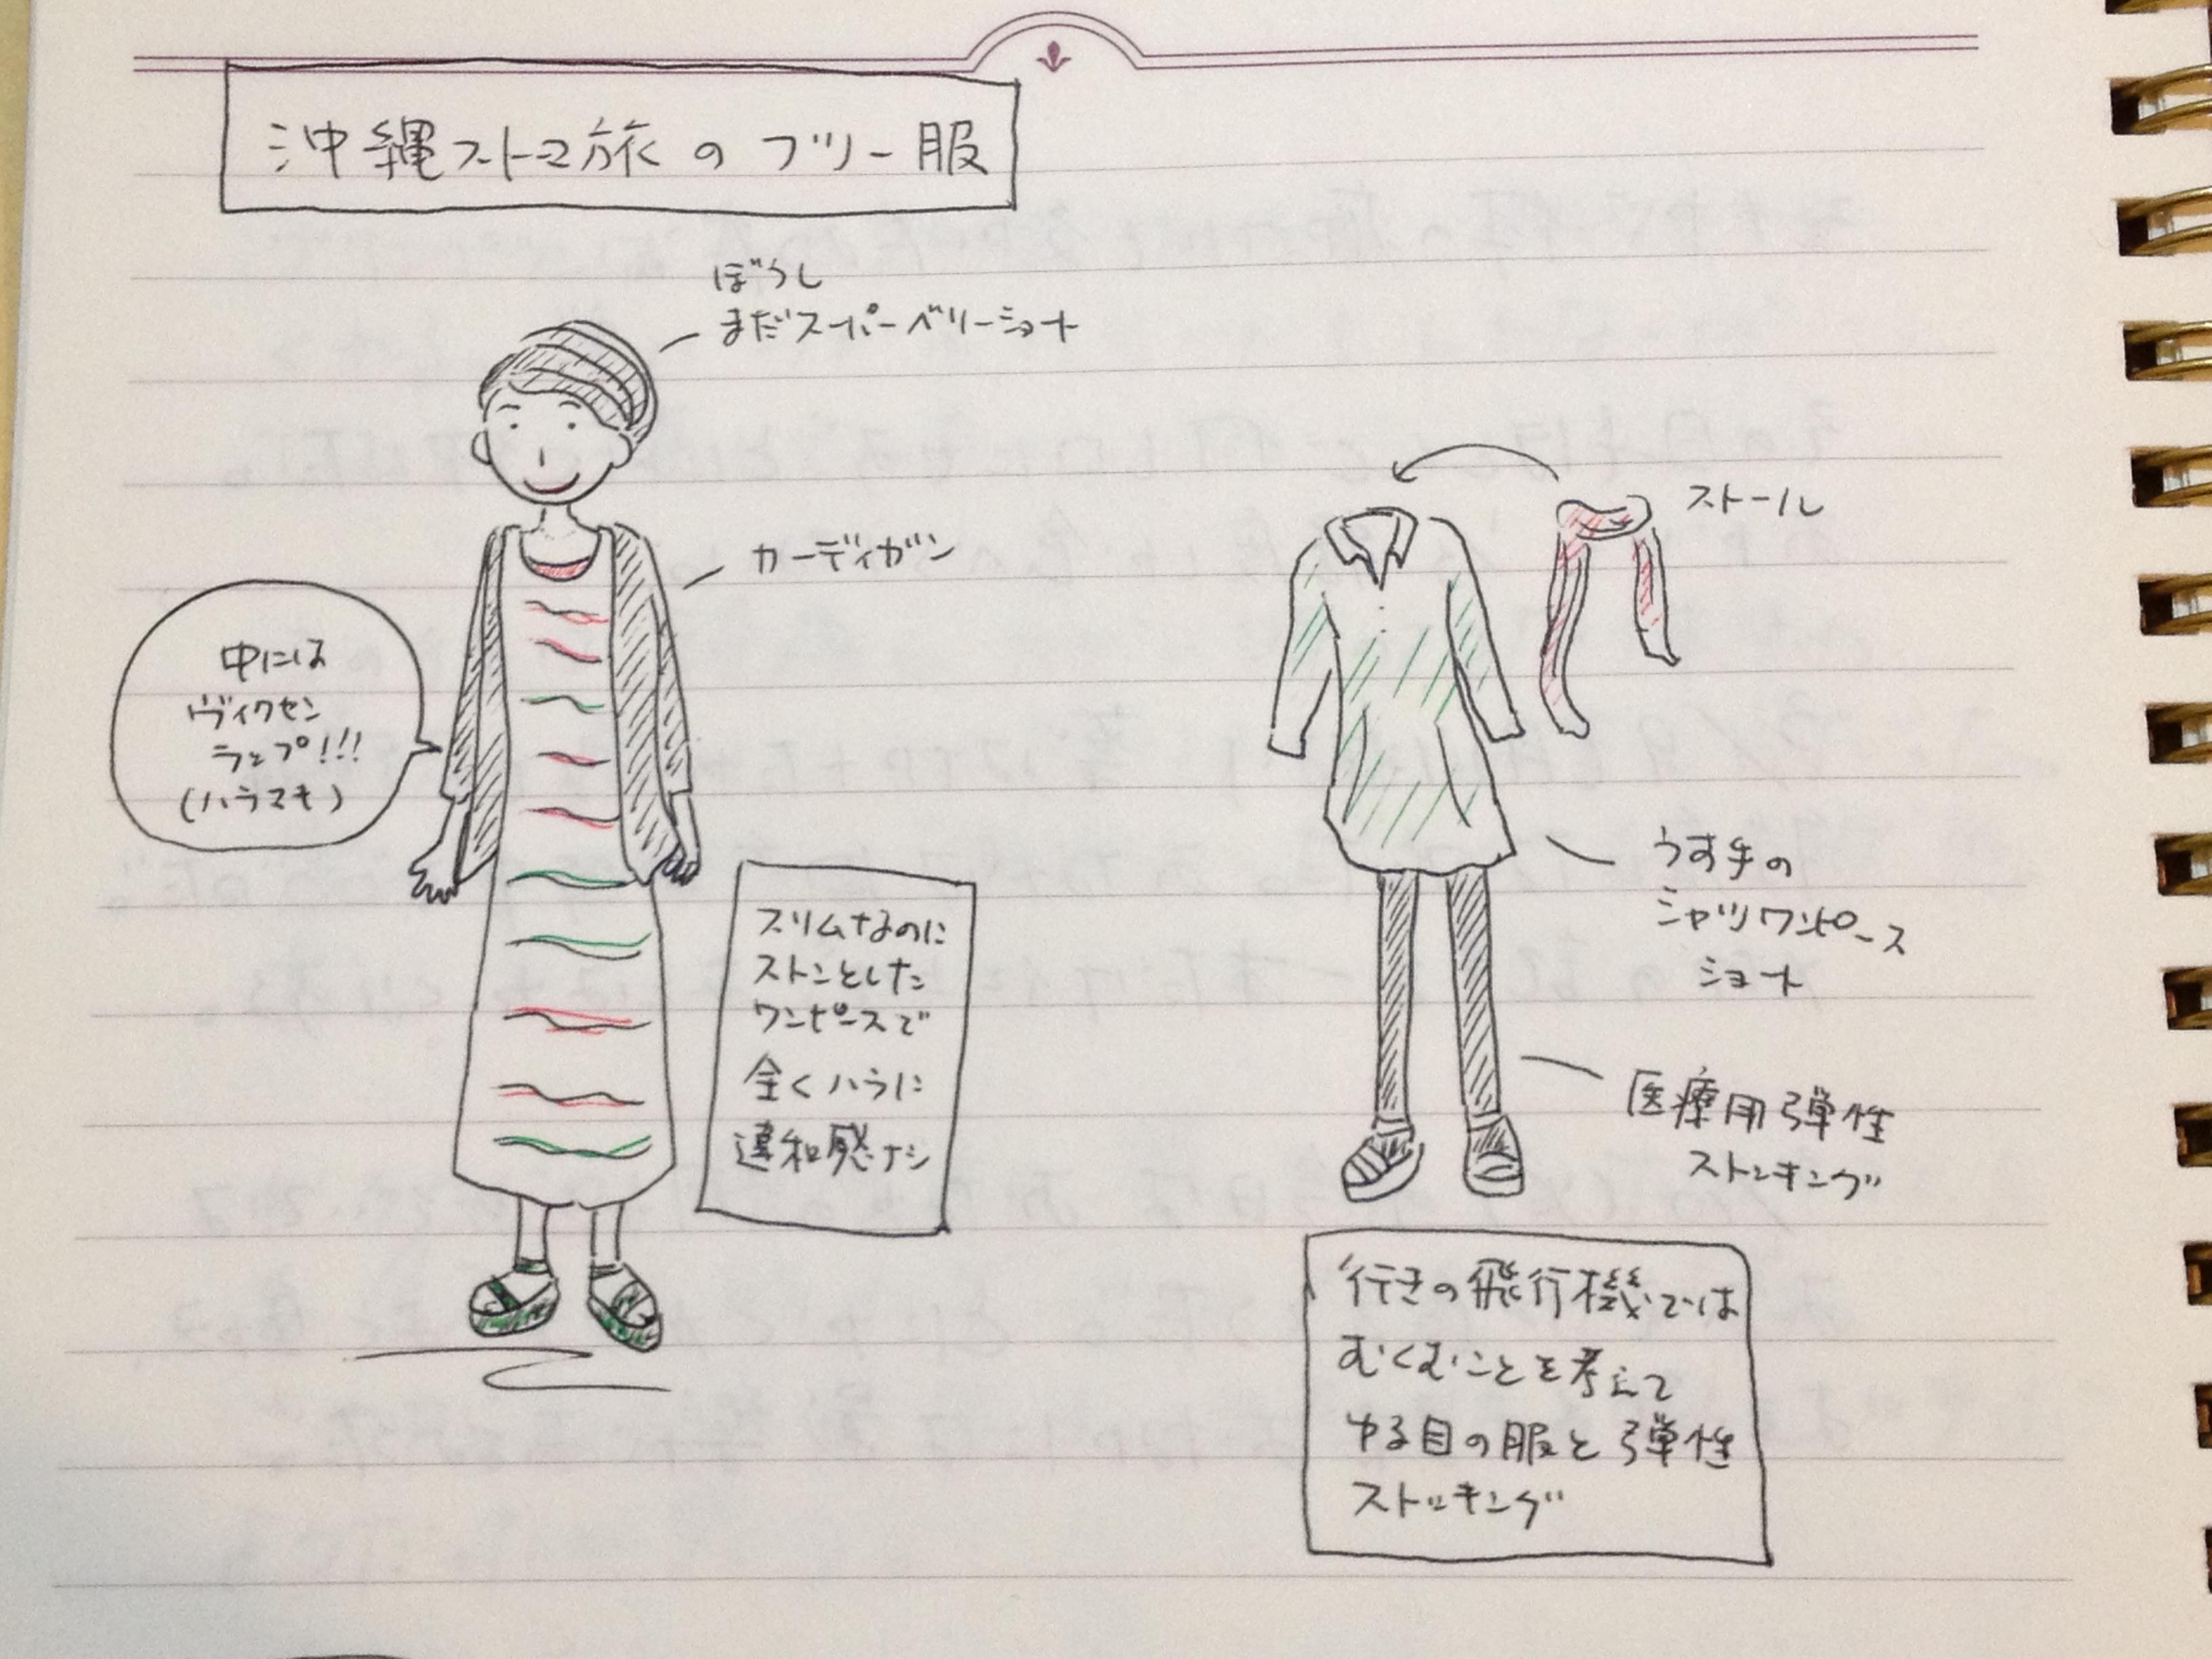 沖縄ストーマ旅服1